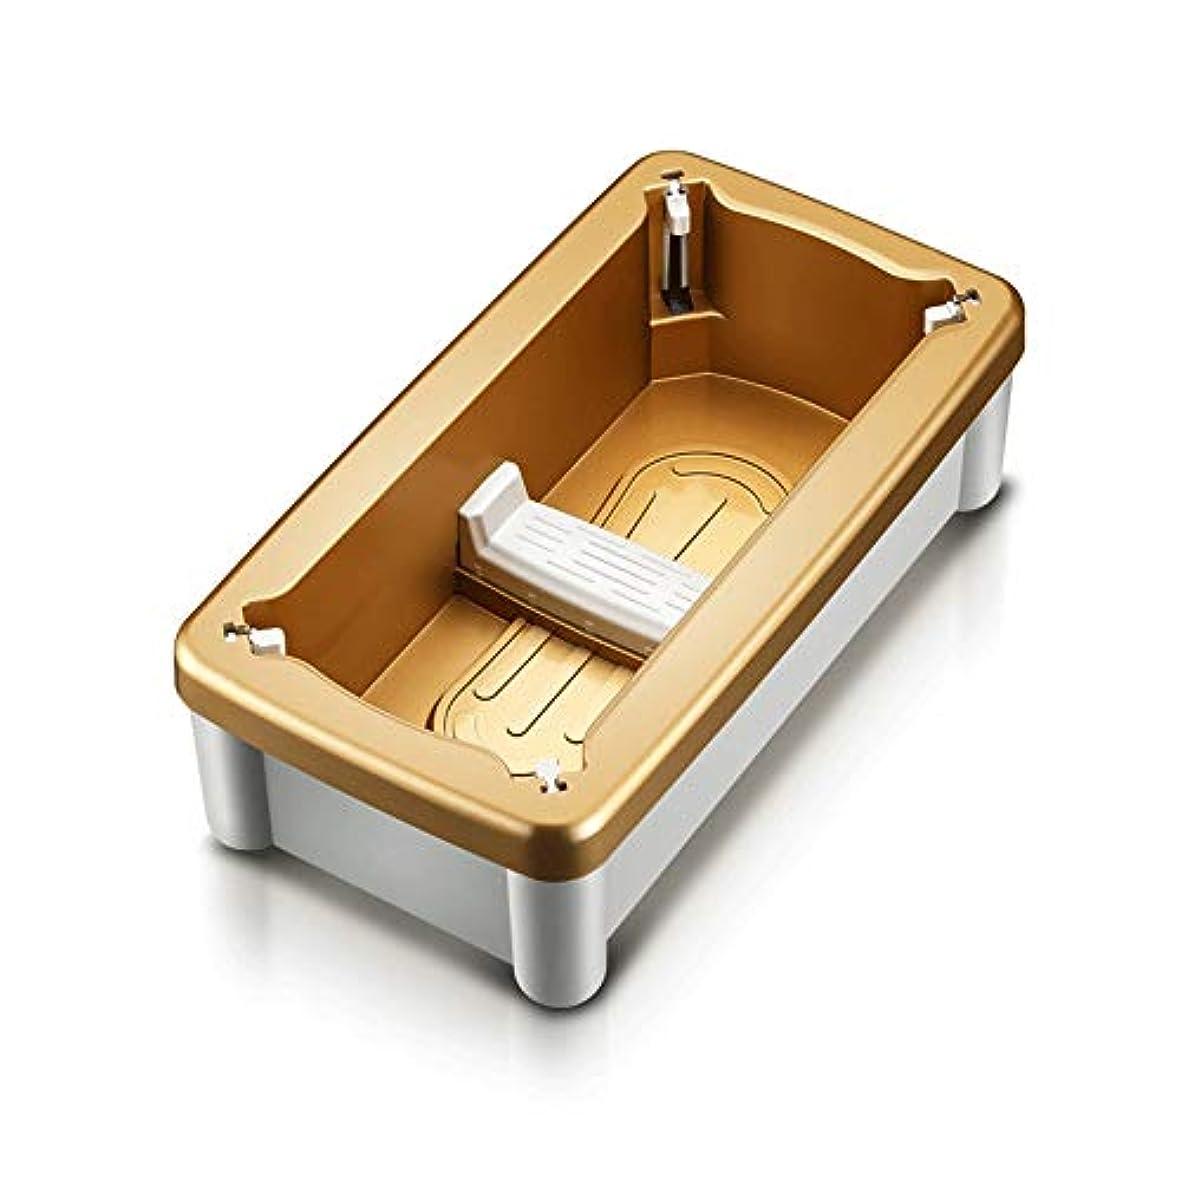 進捗バイバイ牛肉靴カバーマシンホーム自動使い捨て靴マシンオフィス足型機スマートフットカバー変更靴カオスを避けるために (Color : Gold)